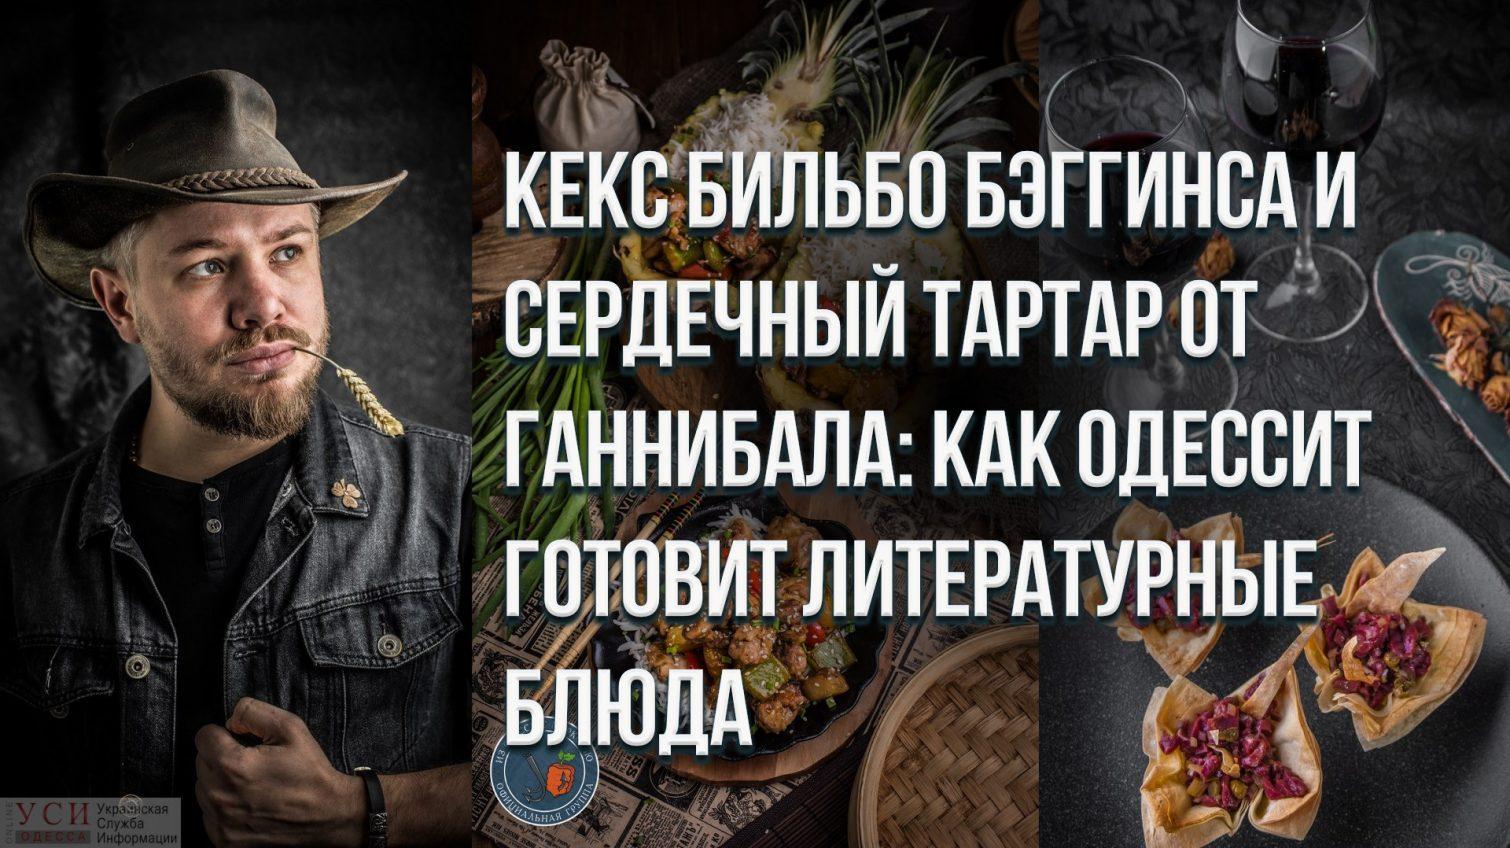 Кекс Бильбо Бэггинса и сердечный тартар от Ганнибала: как одессит готовит литературные блюда «фото»